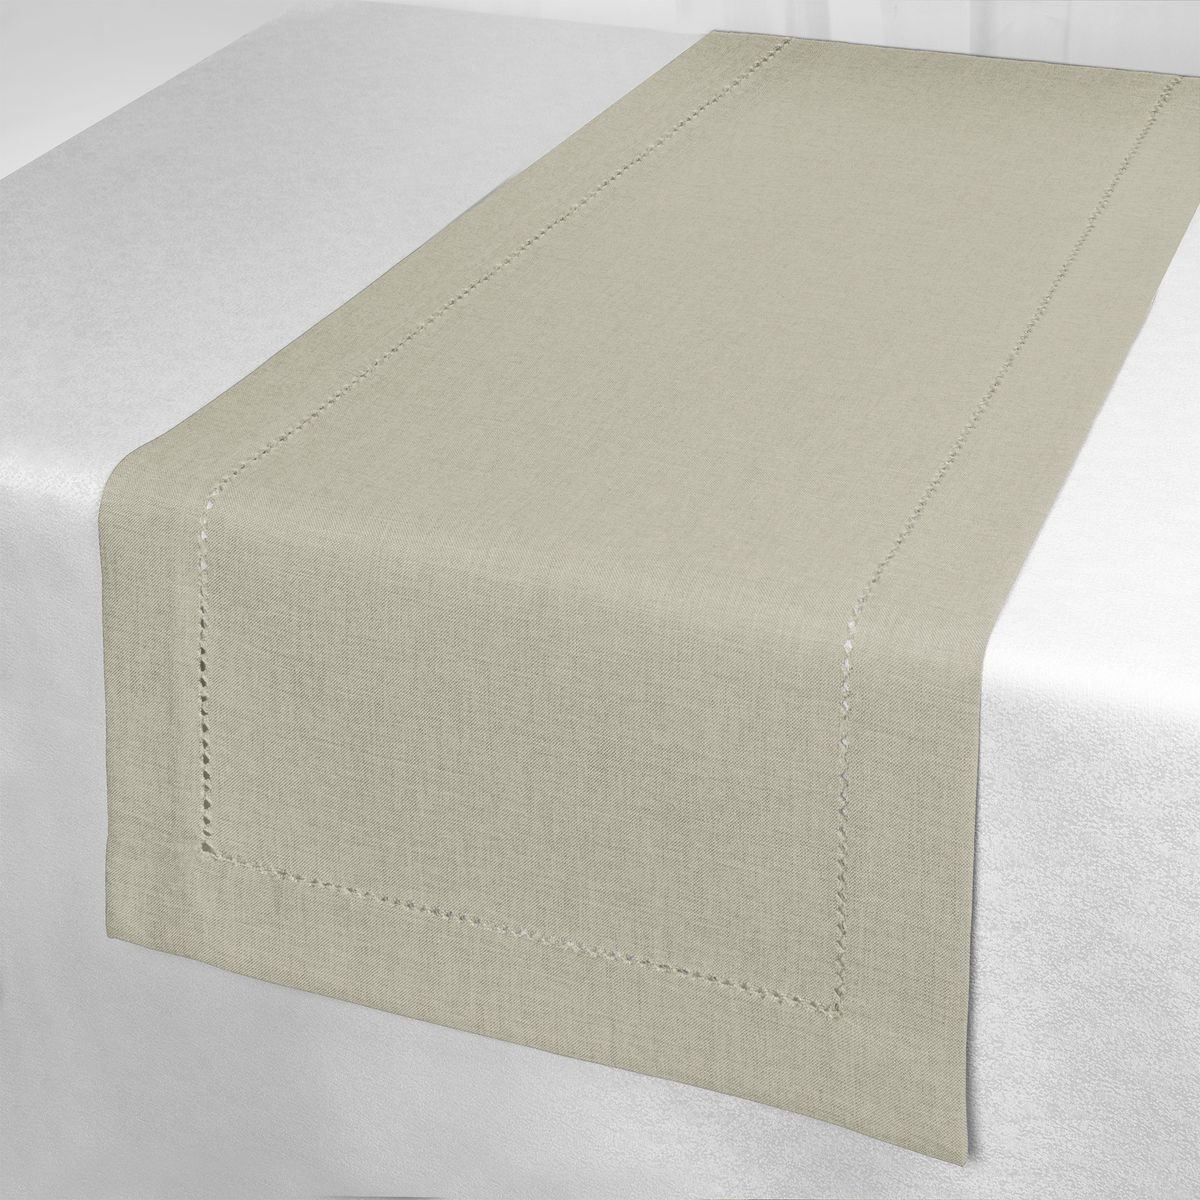 Дорожка для декорирования стола Schaefer, 40 x 140 см. 07600-211